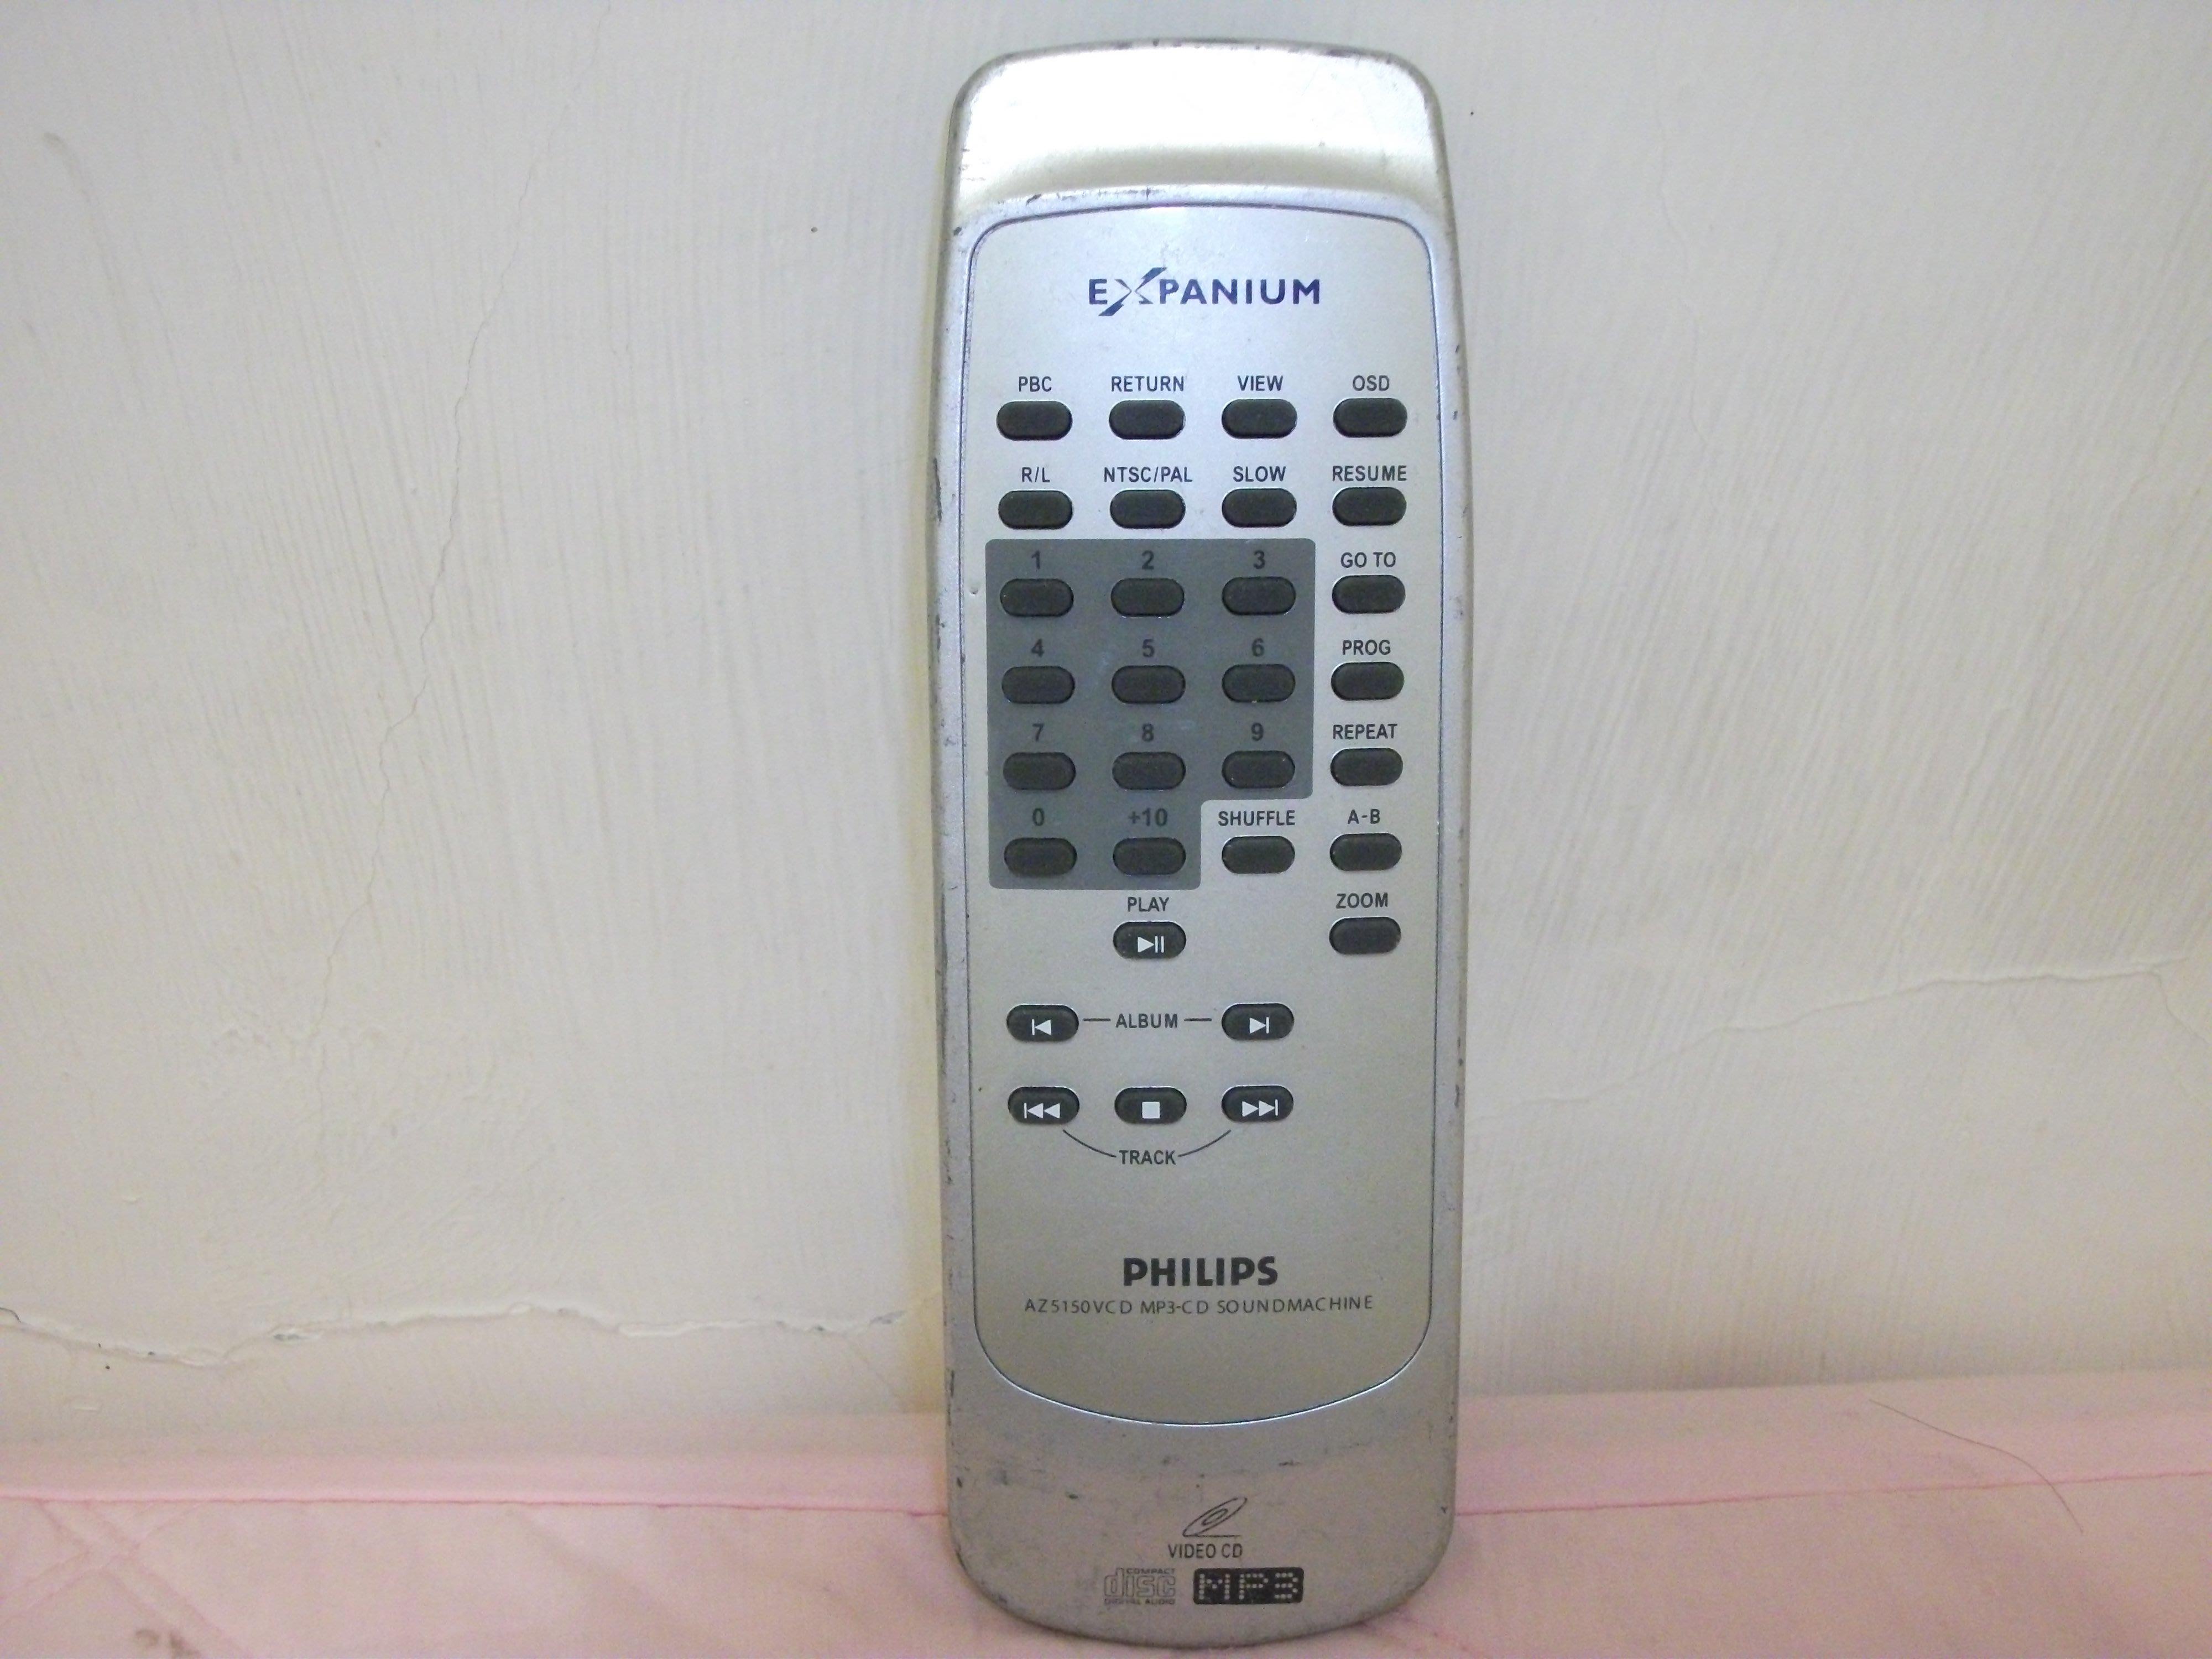 782-90.飛利浦PHILIPS VCD, CD唱盤,MP3遙控器AZ5150,price:NT$300.